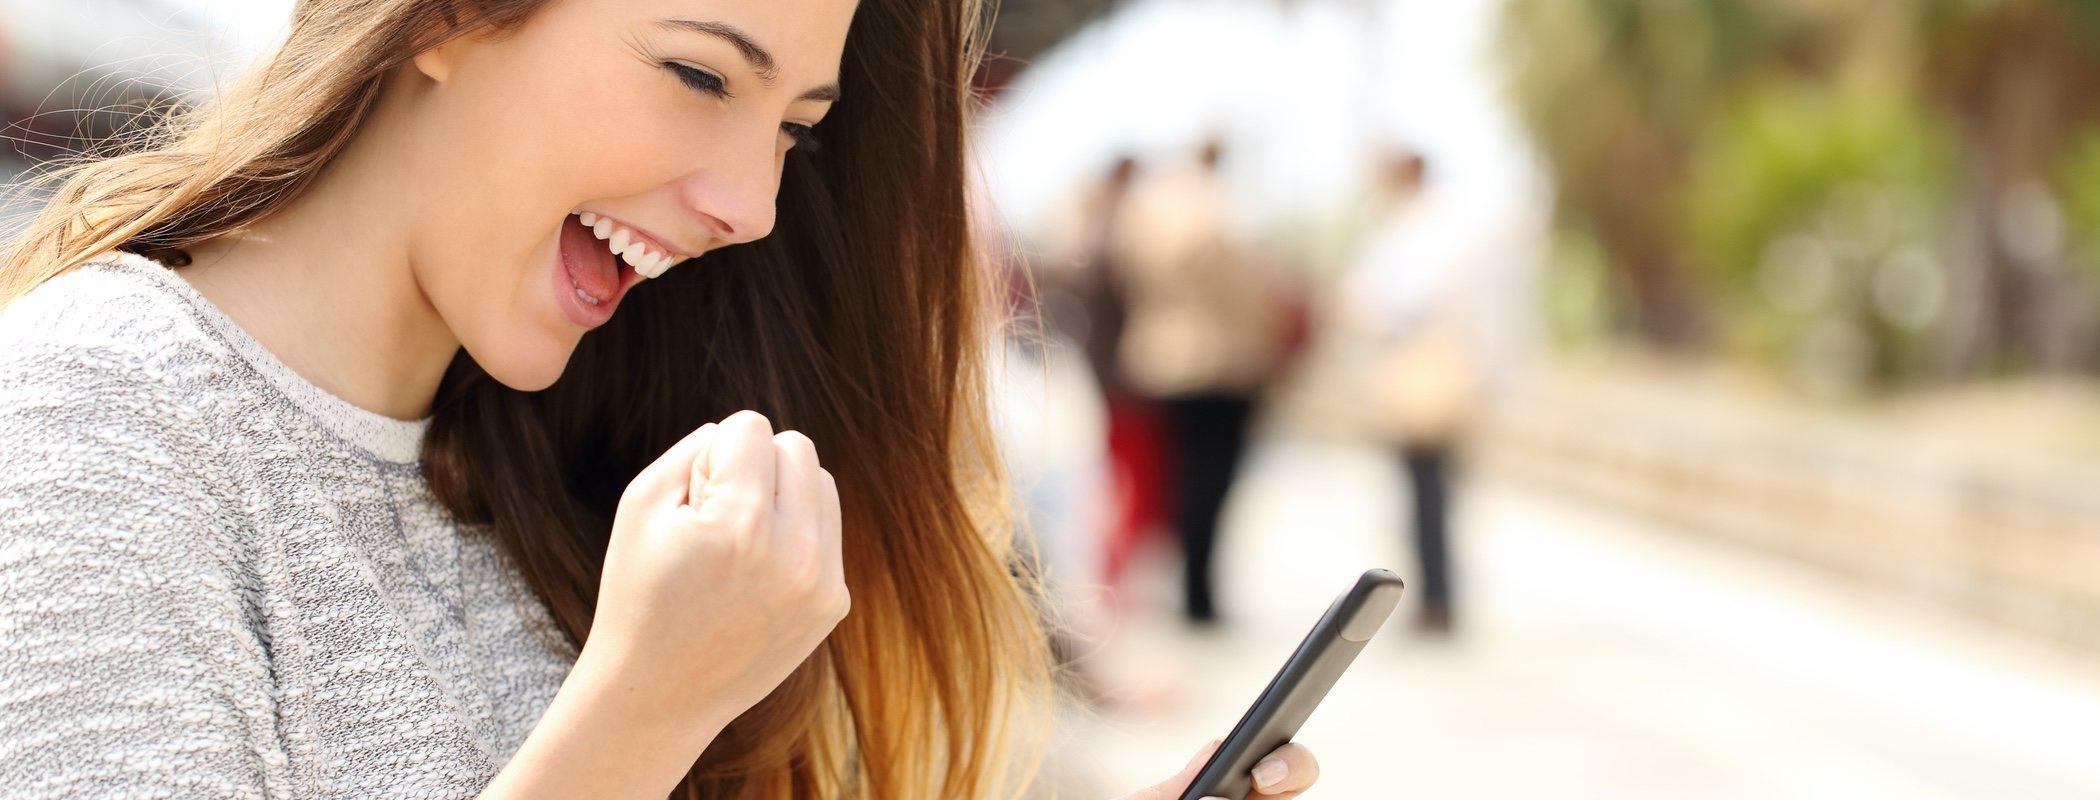 Ligar desde el móvil: Aplicaciones para heterosexuales